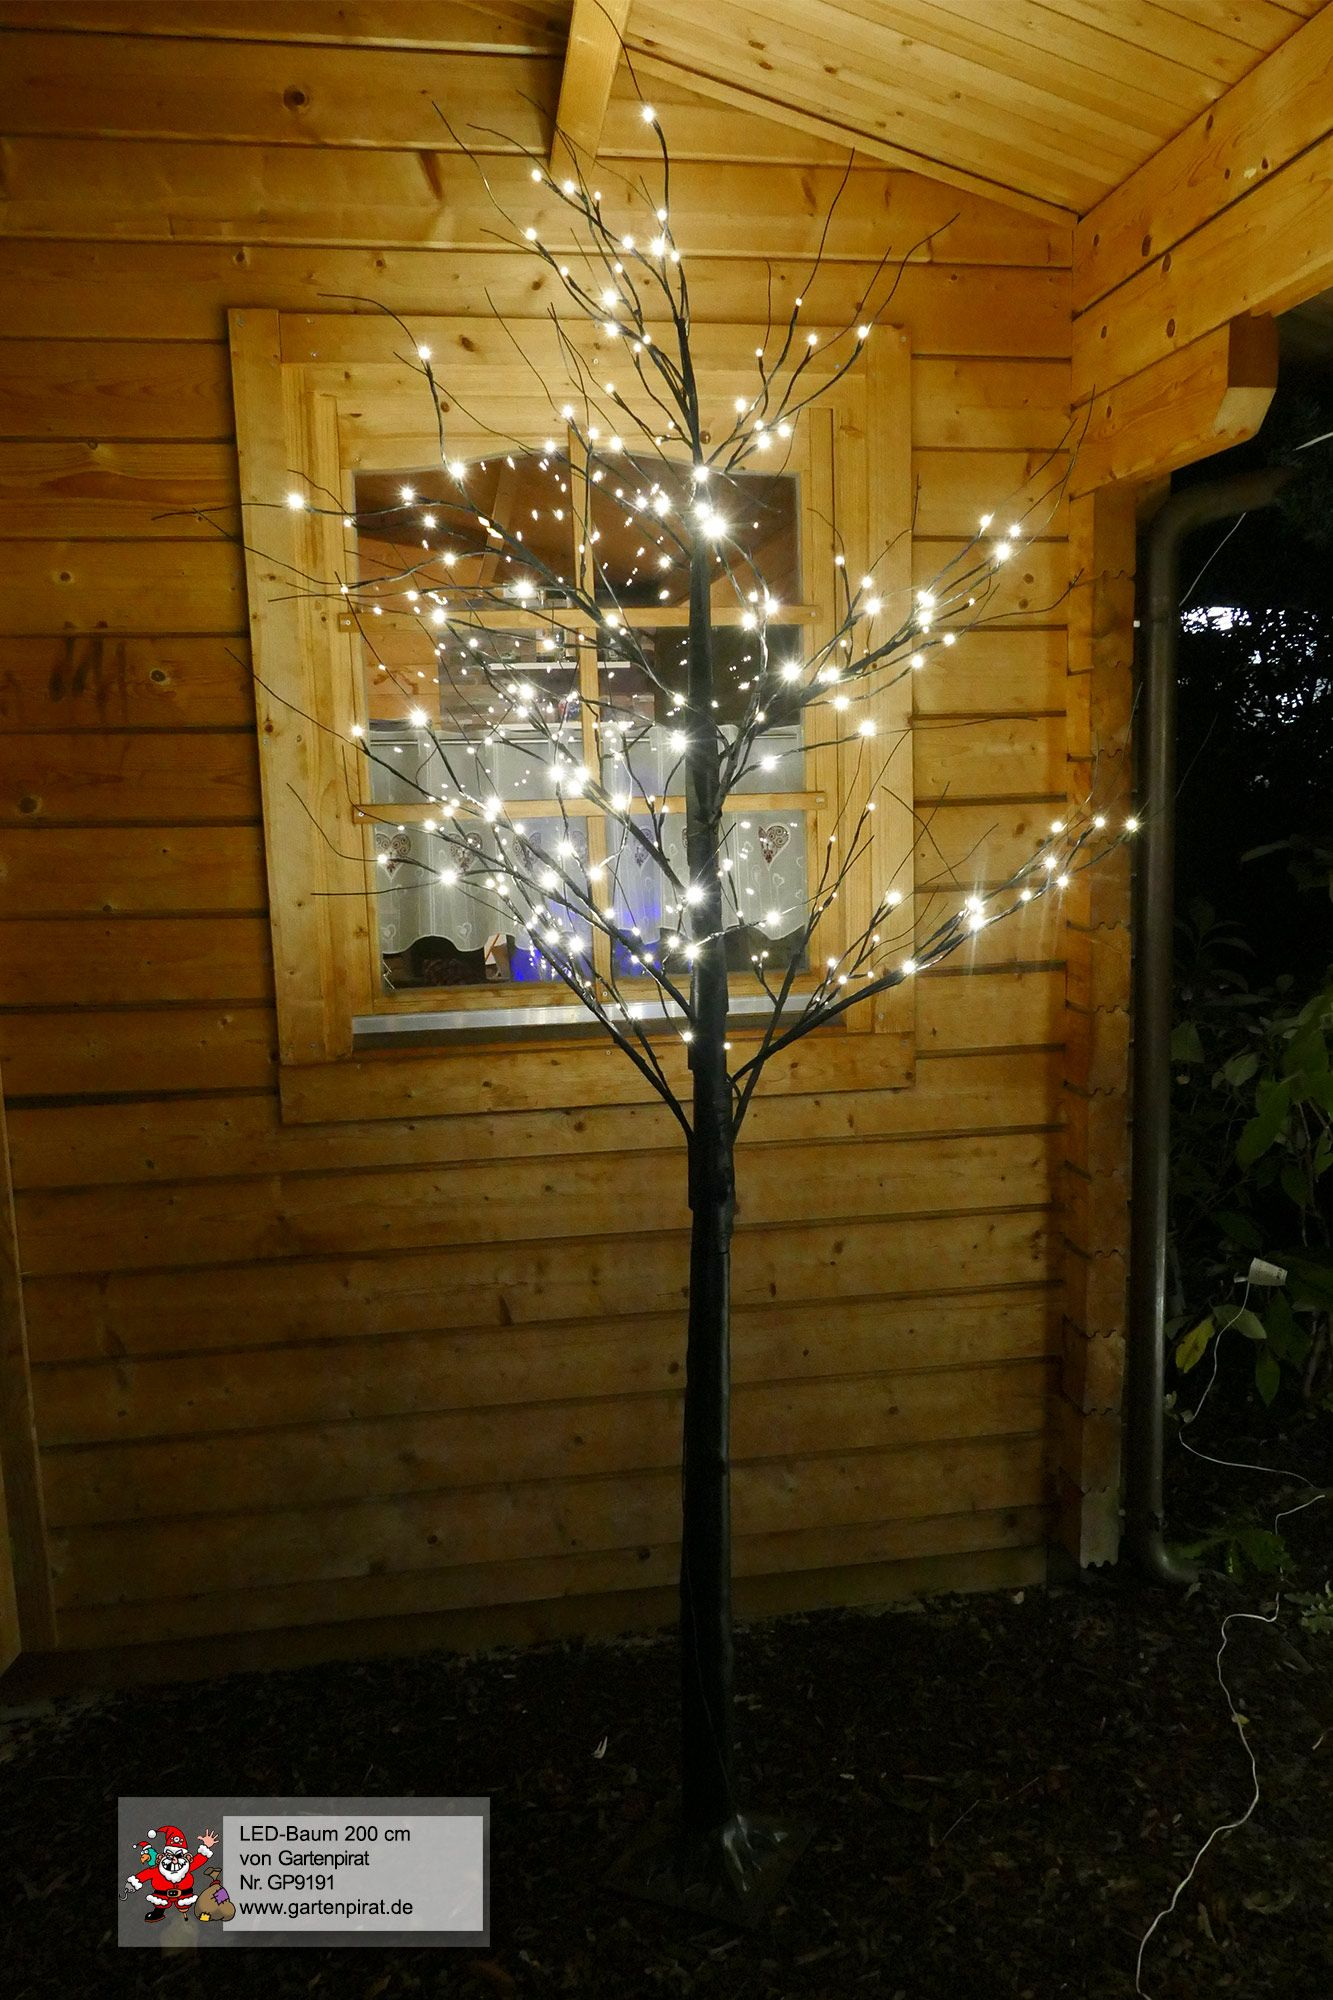 Weihnachtsbeleuchtung Außen Für Große Bäume.Lichterbaum Schwarz Mit Starkem Stamm Led Baum 200 Cm Hoch Mit 168